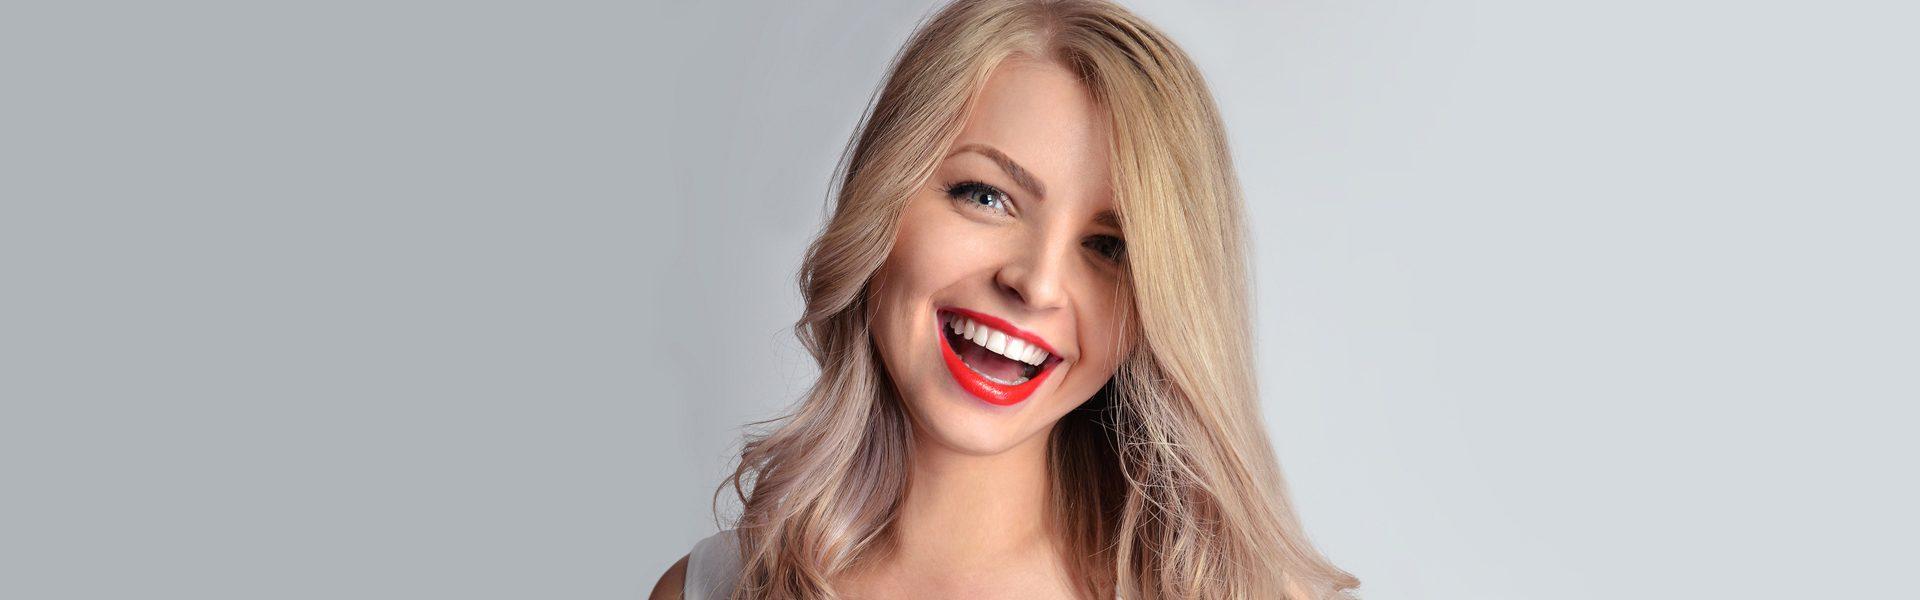 Лечение зубов - современные подходы